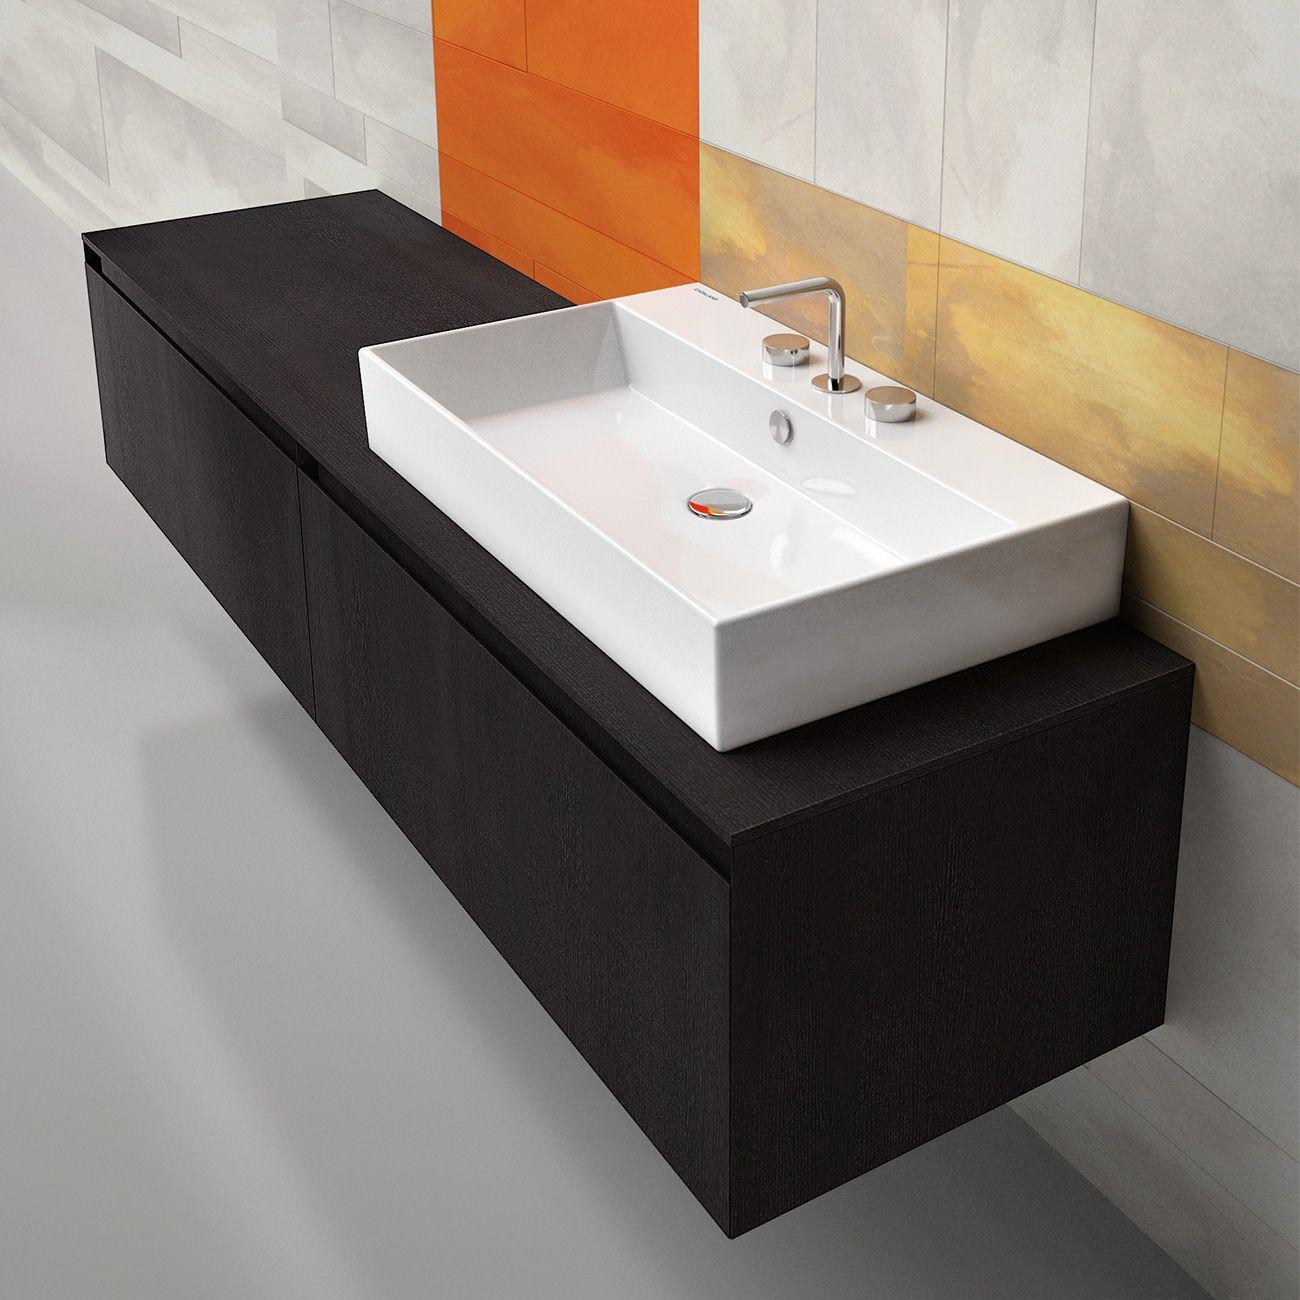 Lavabo rettangolare boiserie in ceramica per bagno - Boiserie in ceramica per bagno ...